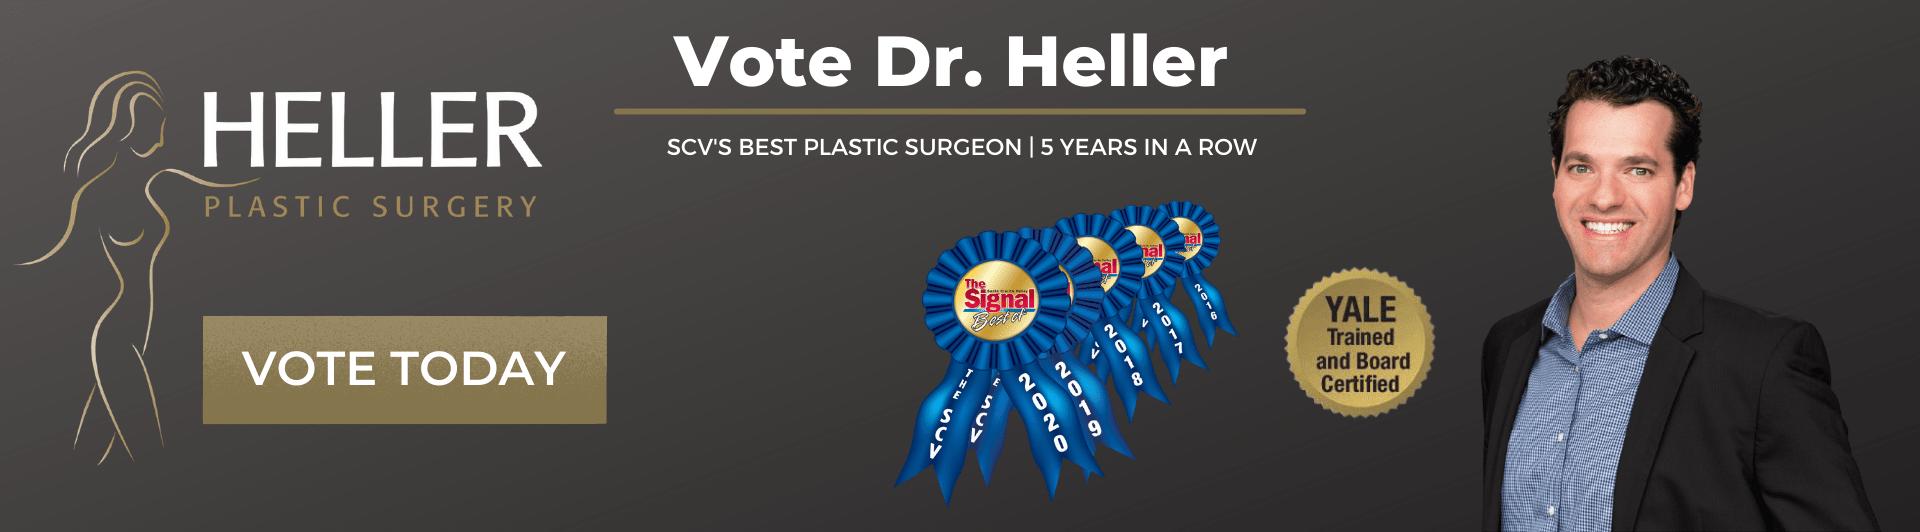 Vote-Dr.-Heller-Web